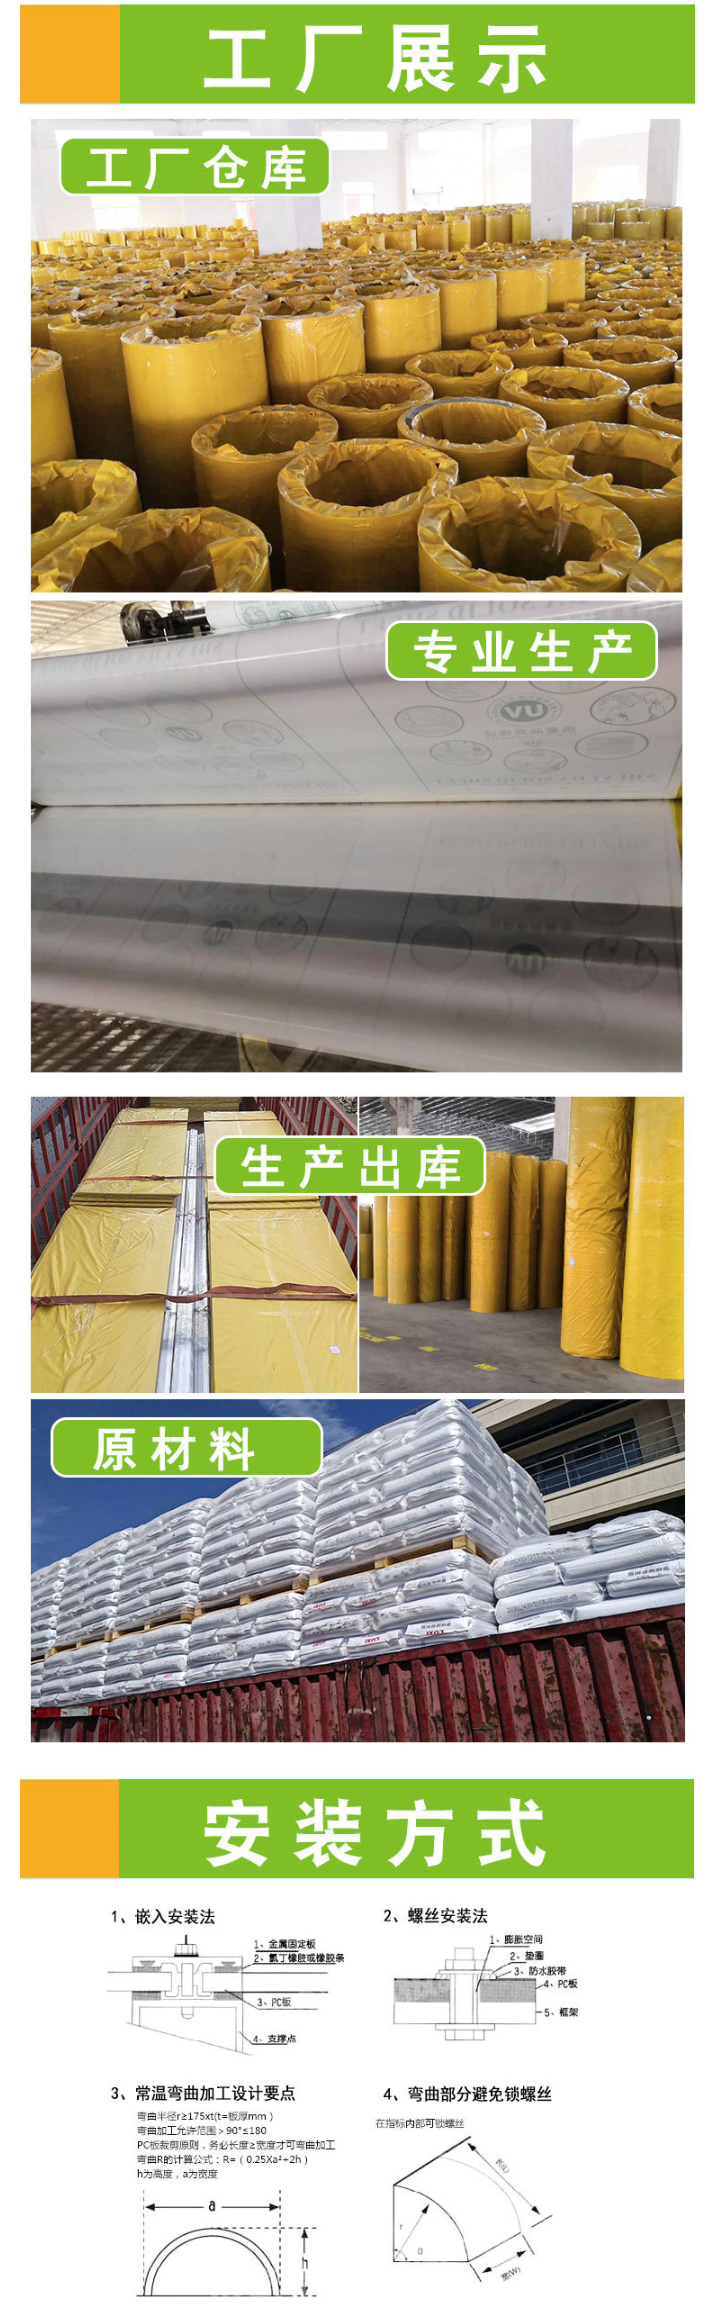 雨棚陽光板_聚碳酸酯板材耐力板廠家透明湖藍可定制雨棚---阿里巴巴_06.jpg